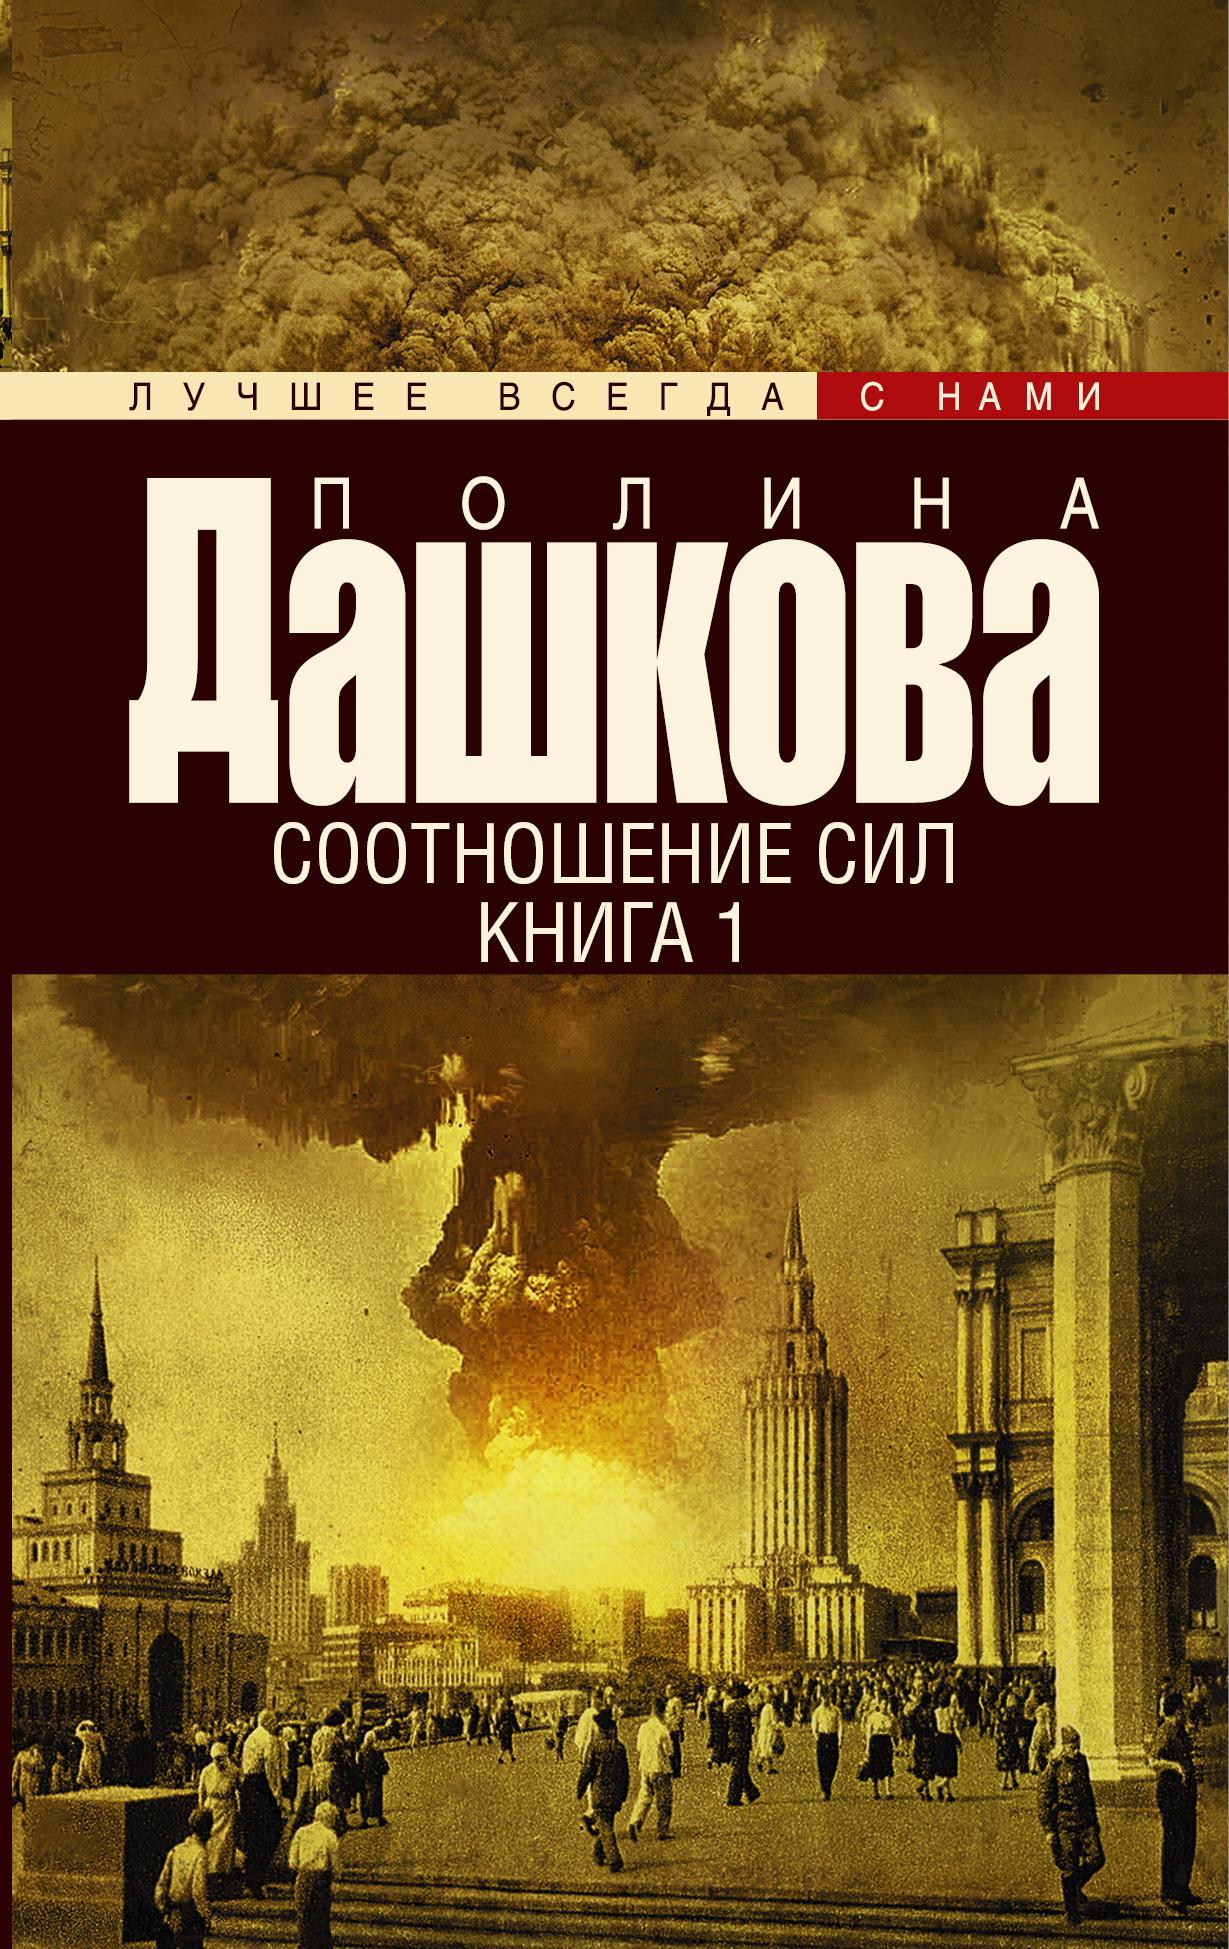 Дашкова П.В. Соотношение сил. Книга 1 монета номиналом 1 рубль международный год мира медно никелевый сплав ссср 1986 год